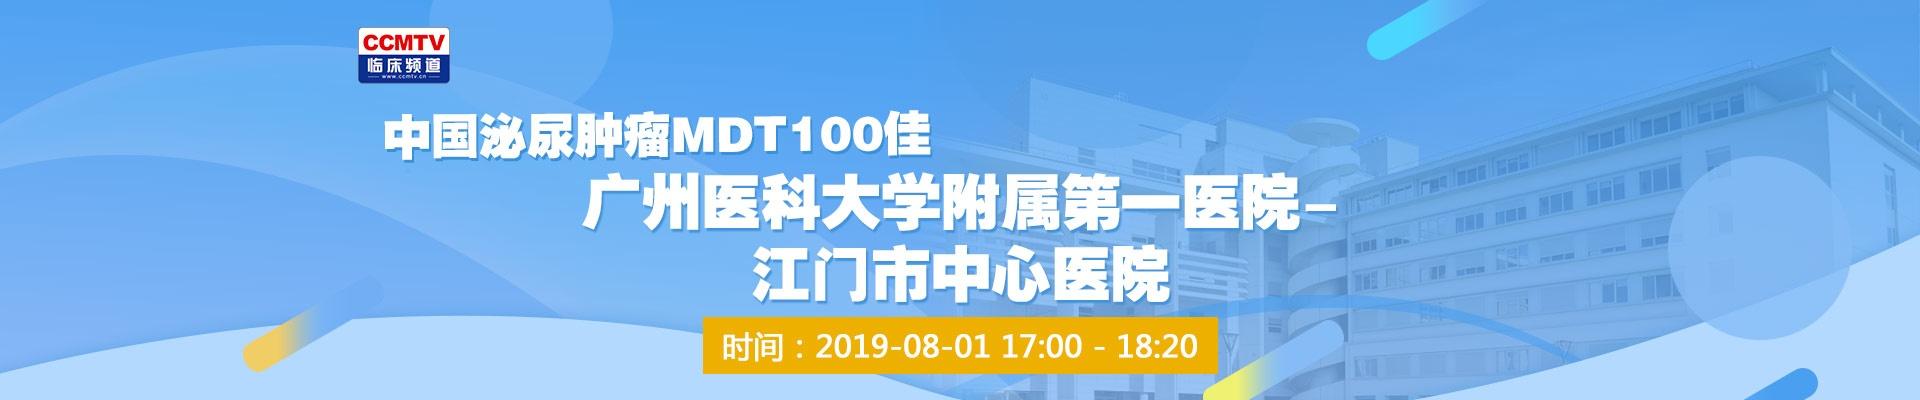 中國泌尿腫瘤MDT100佳 | 廣州醫科大學附屬第一醫院 、江門市中心醫院